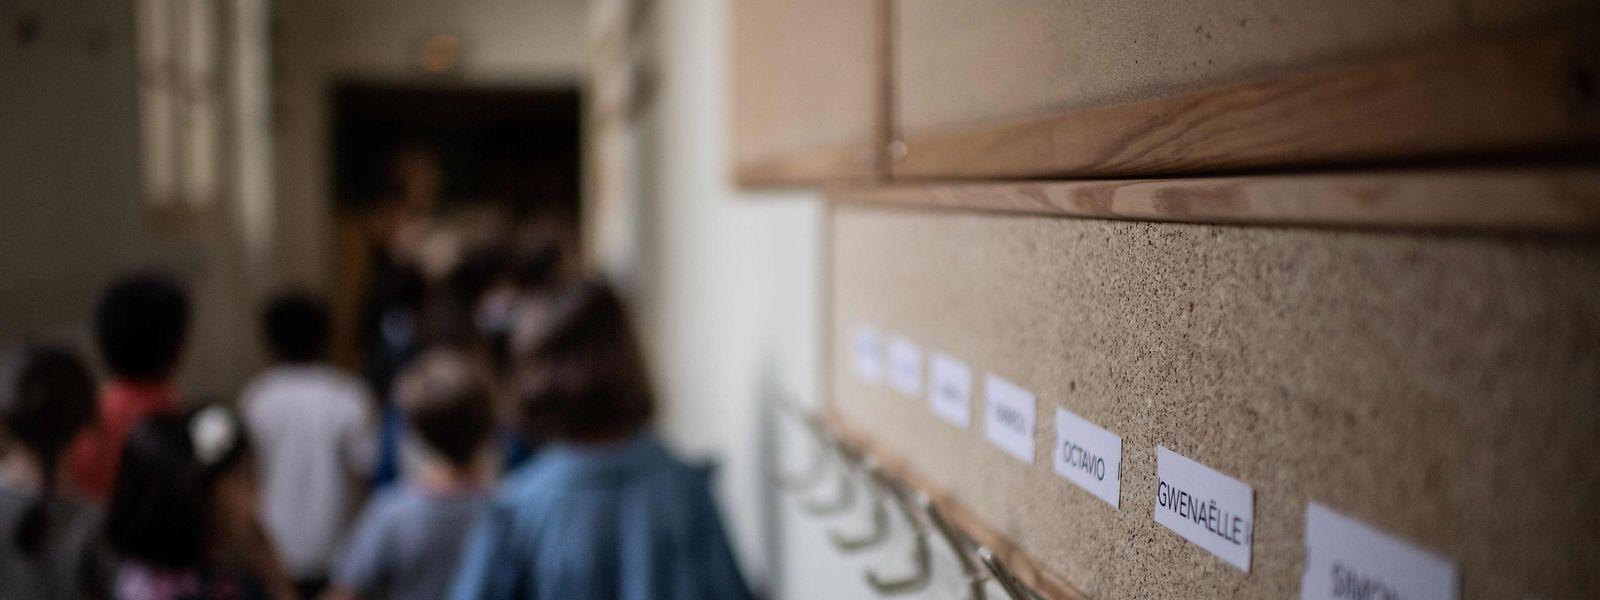 900.000 élèves wallons et bruxellois francophones et près de 400.000 Lorrains ont pris le chemin de l'école ce lundi